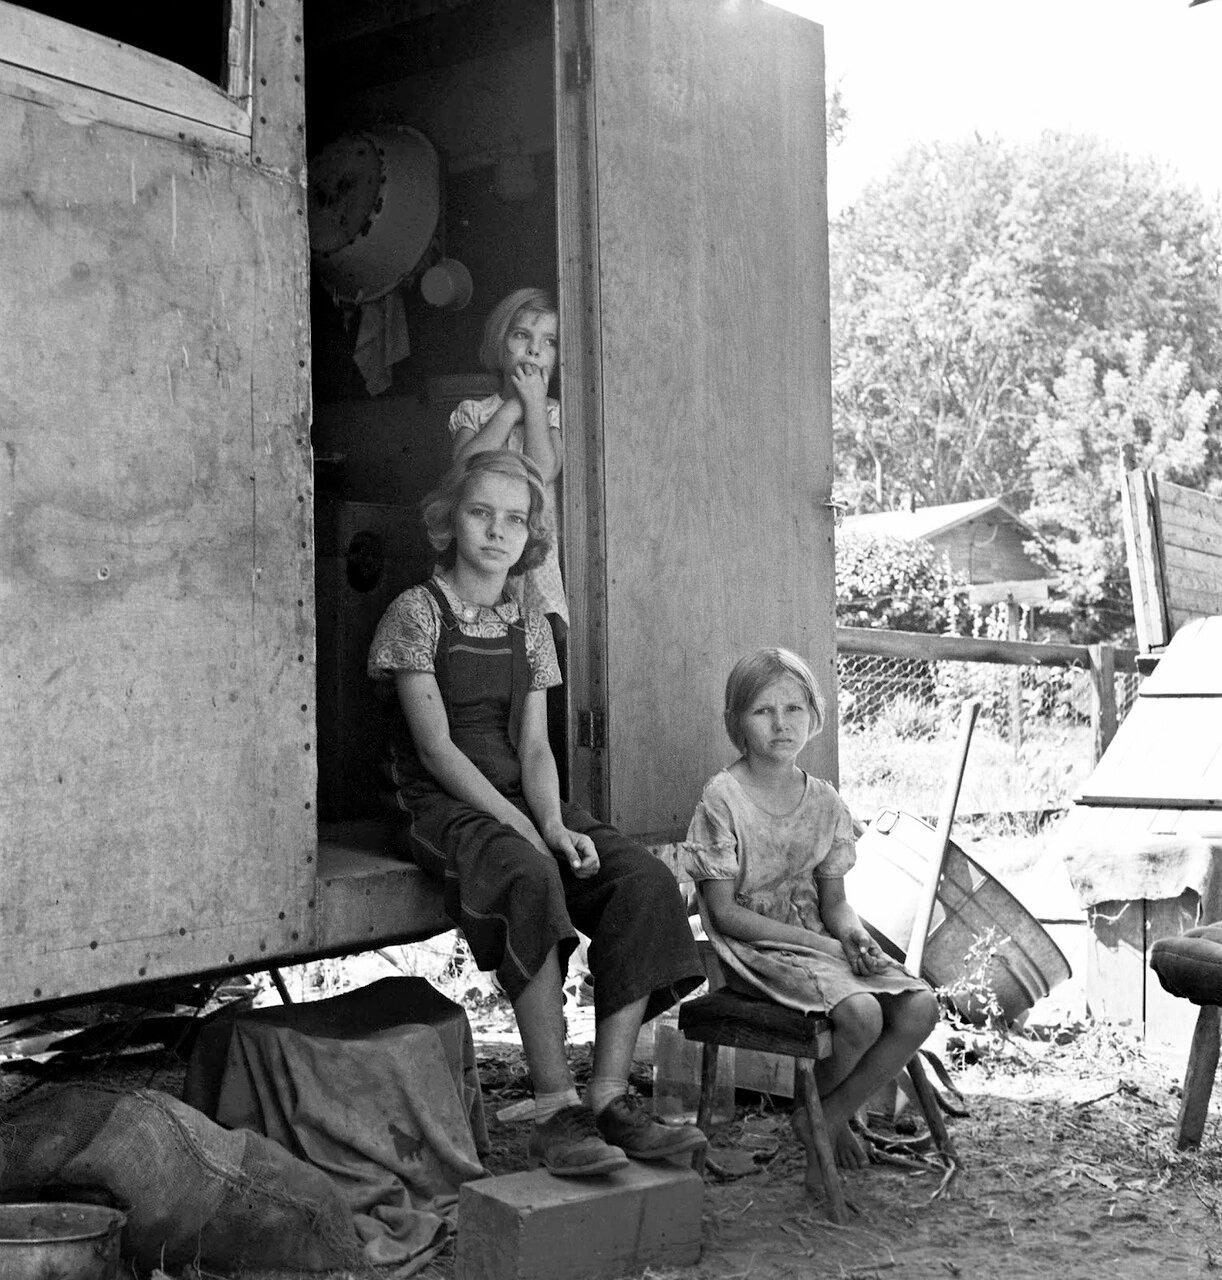 Старшая по возрасту девочка сидит в дверях дома-прицепа, следит за младшими. Якима, штат Вашингтон , 1939